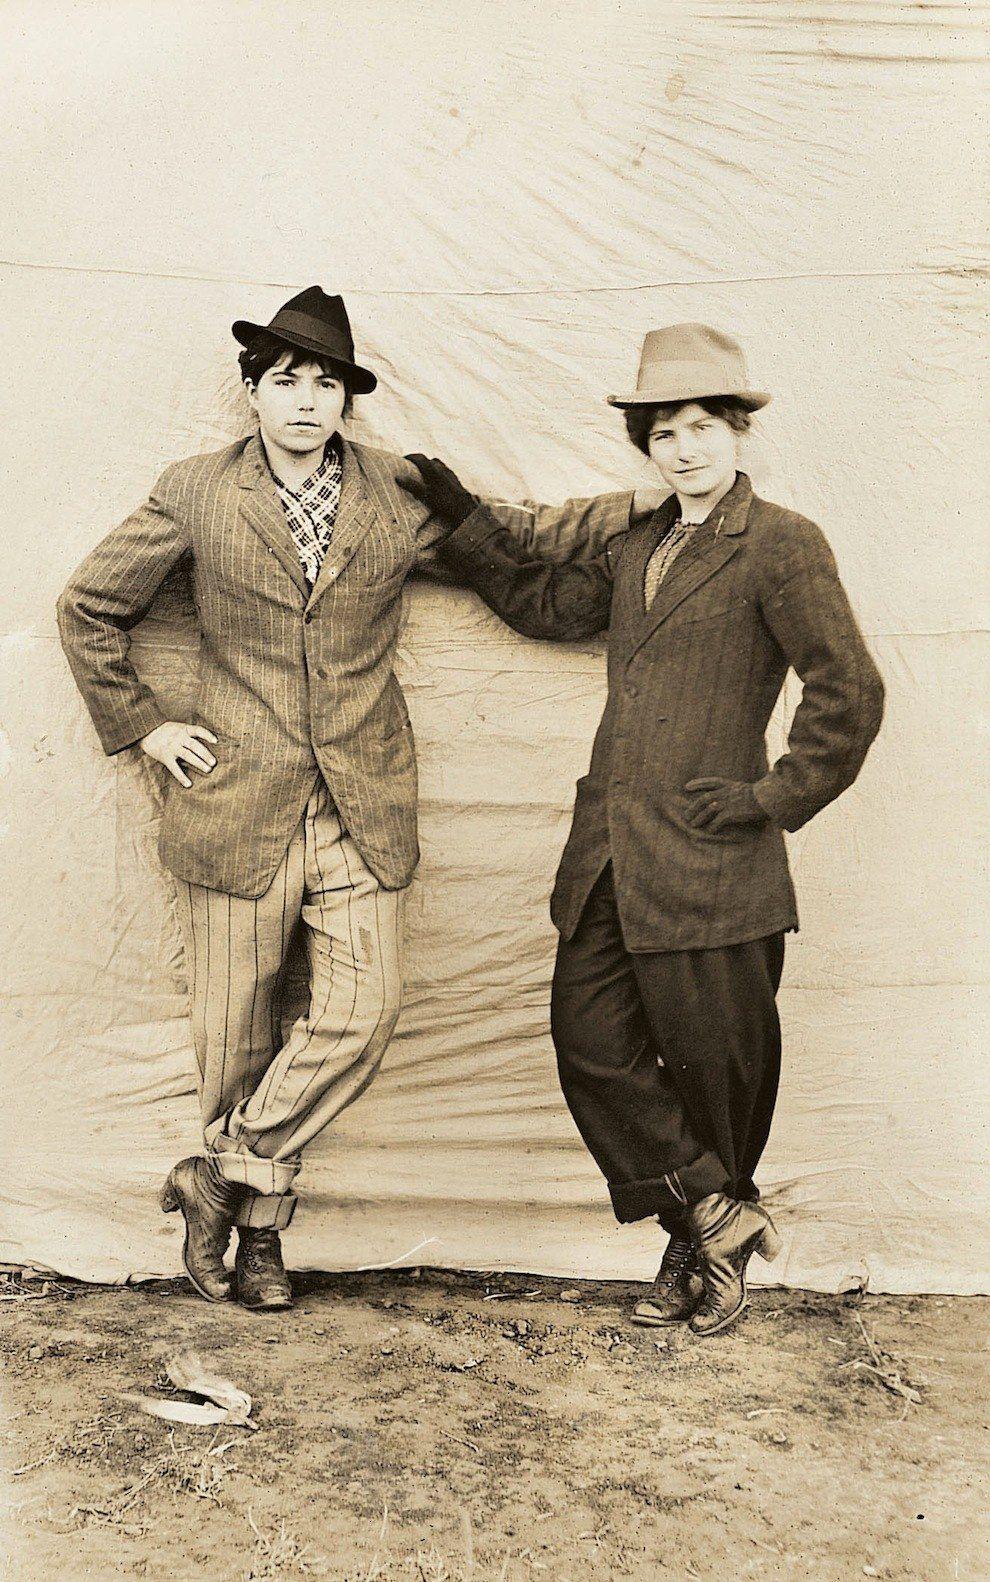 Um ávido colecionador de fotografias, Lifshitz começou a descobrir as fotografias puramente como um passatempo em vários mercados de pulgas e vendas de garagem. | Estas fotos fornecem uma visão sobre a vida dos casais LGBT no início do século passado